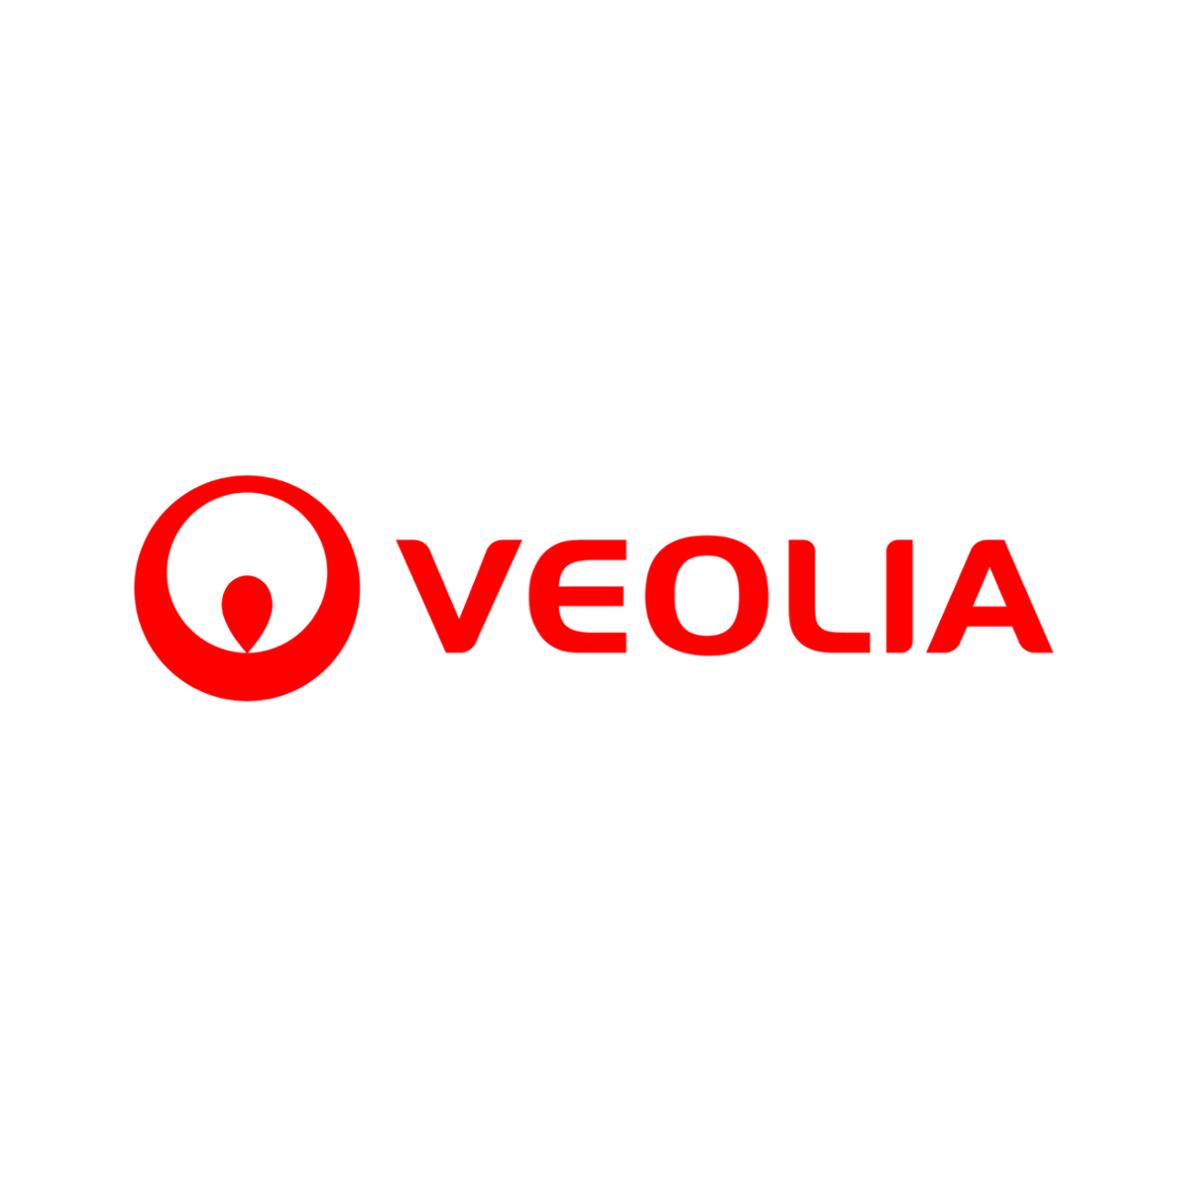 Veolia Umweltservice Süd GmbH & Co. KG